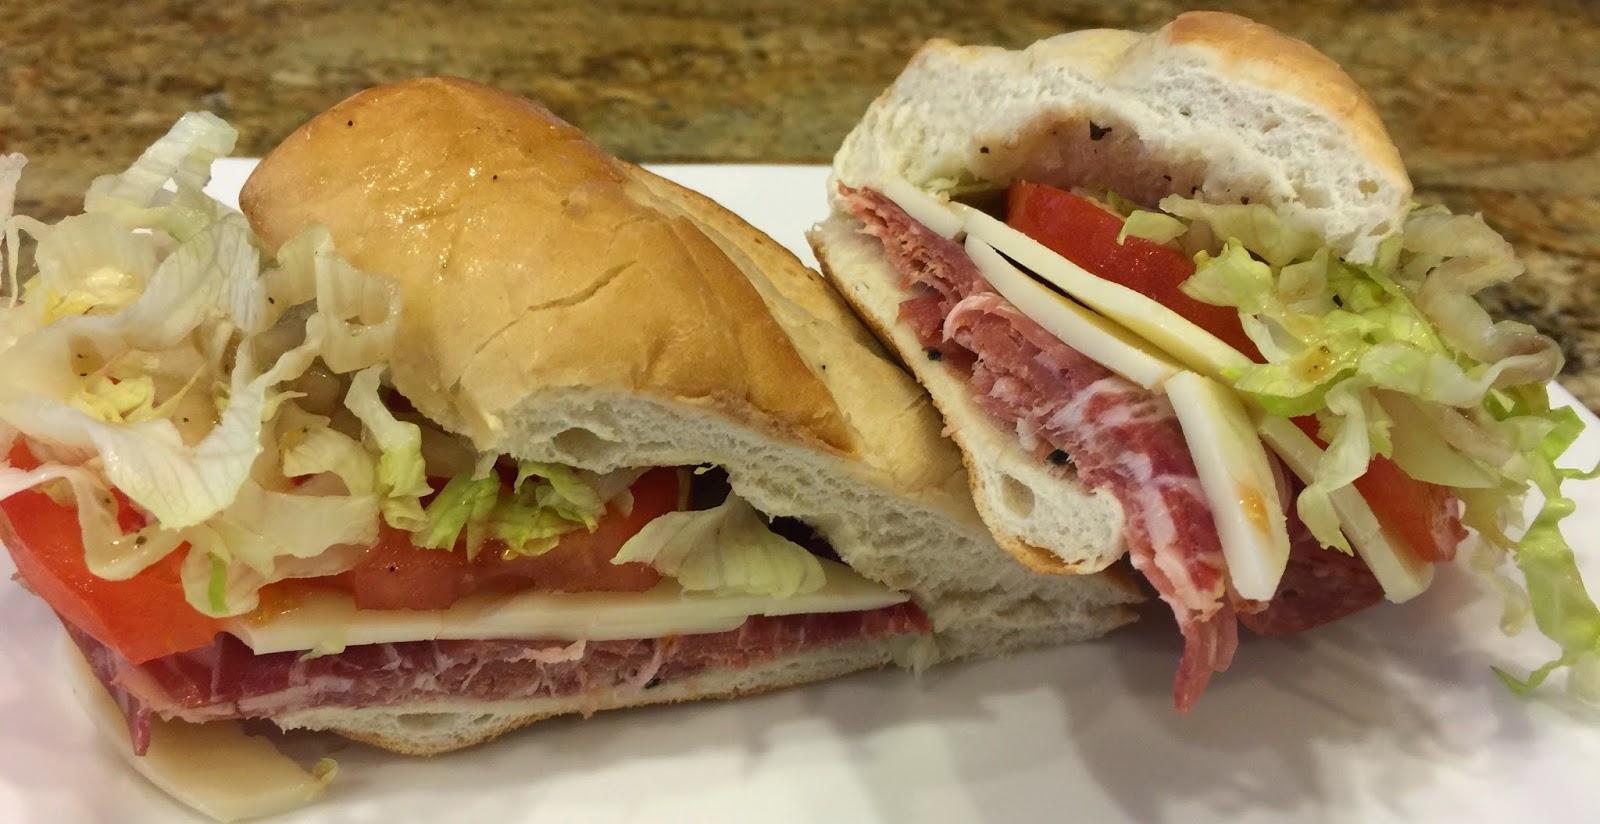 TASTE OF HAWAII: ITALIAN SANDWICH